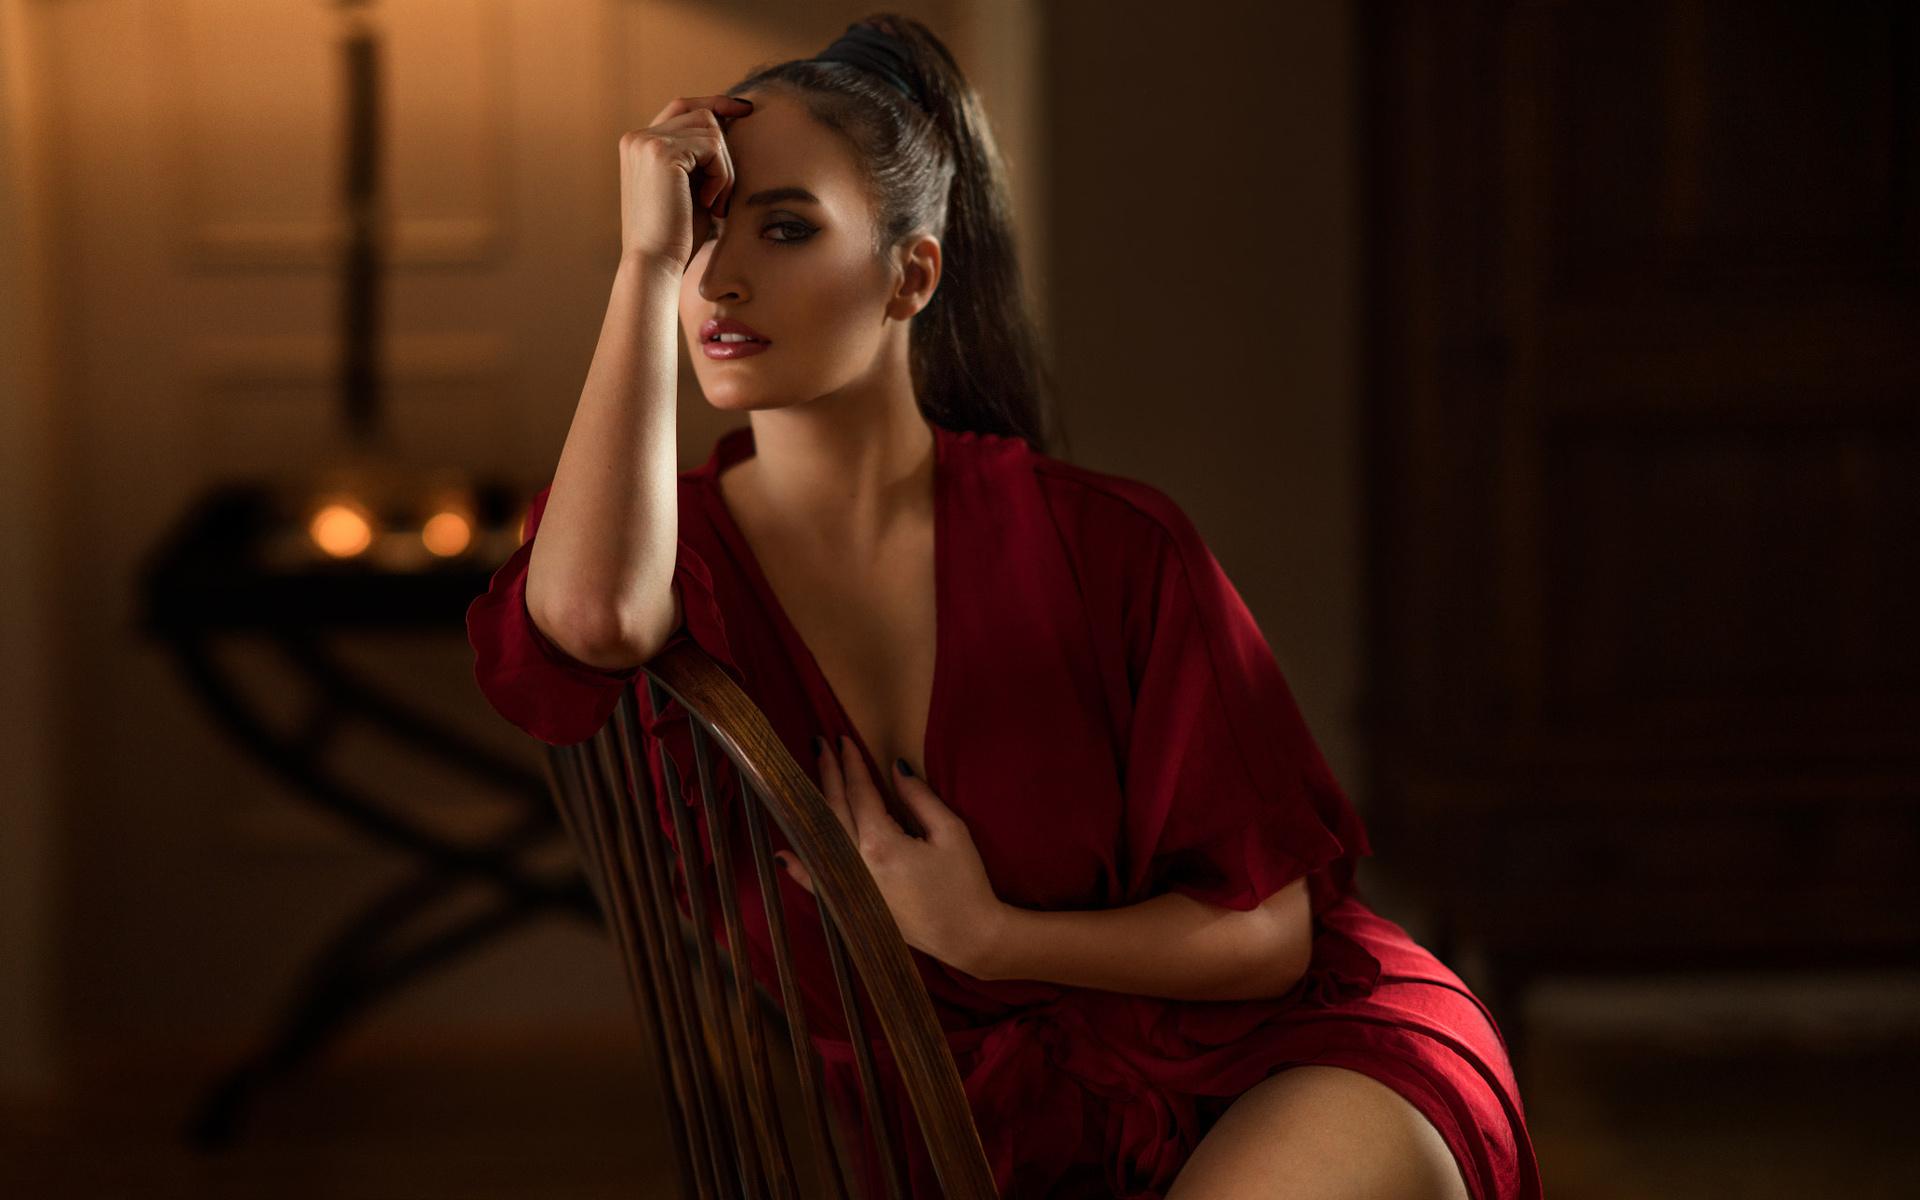 девушка в кресле в халате - 11